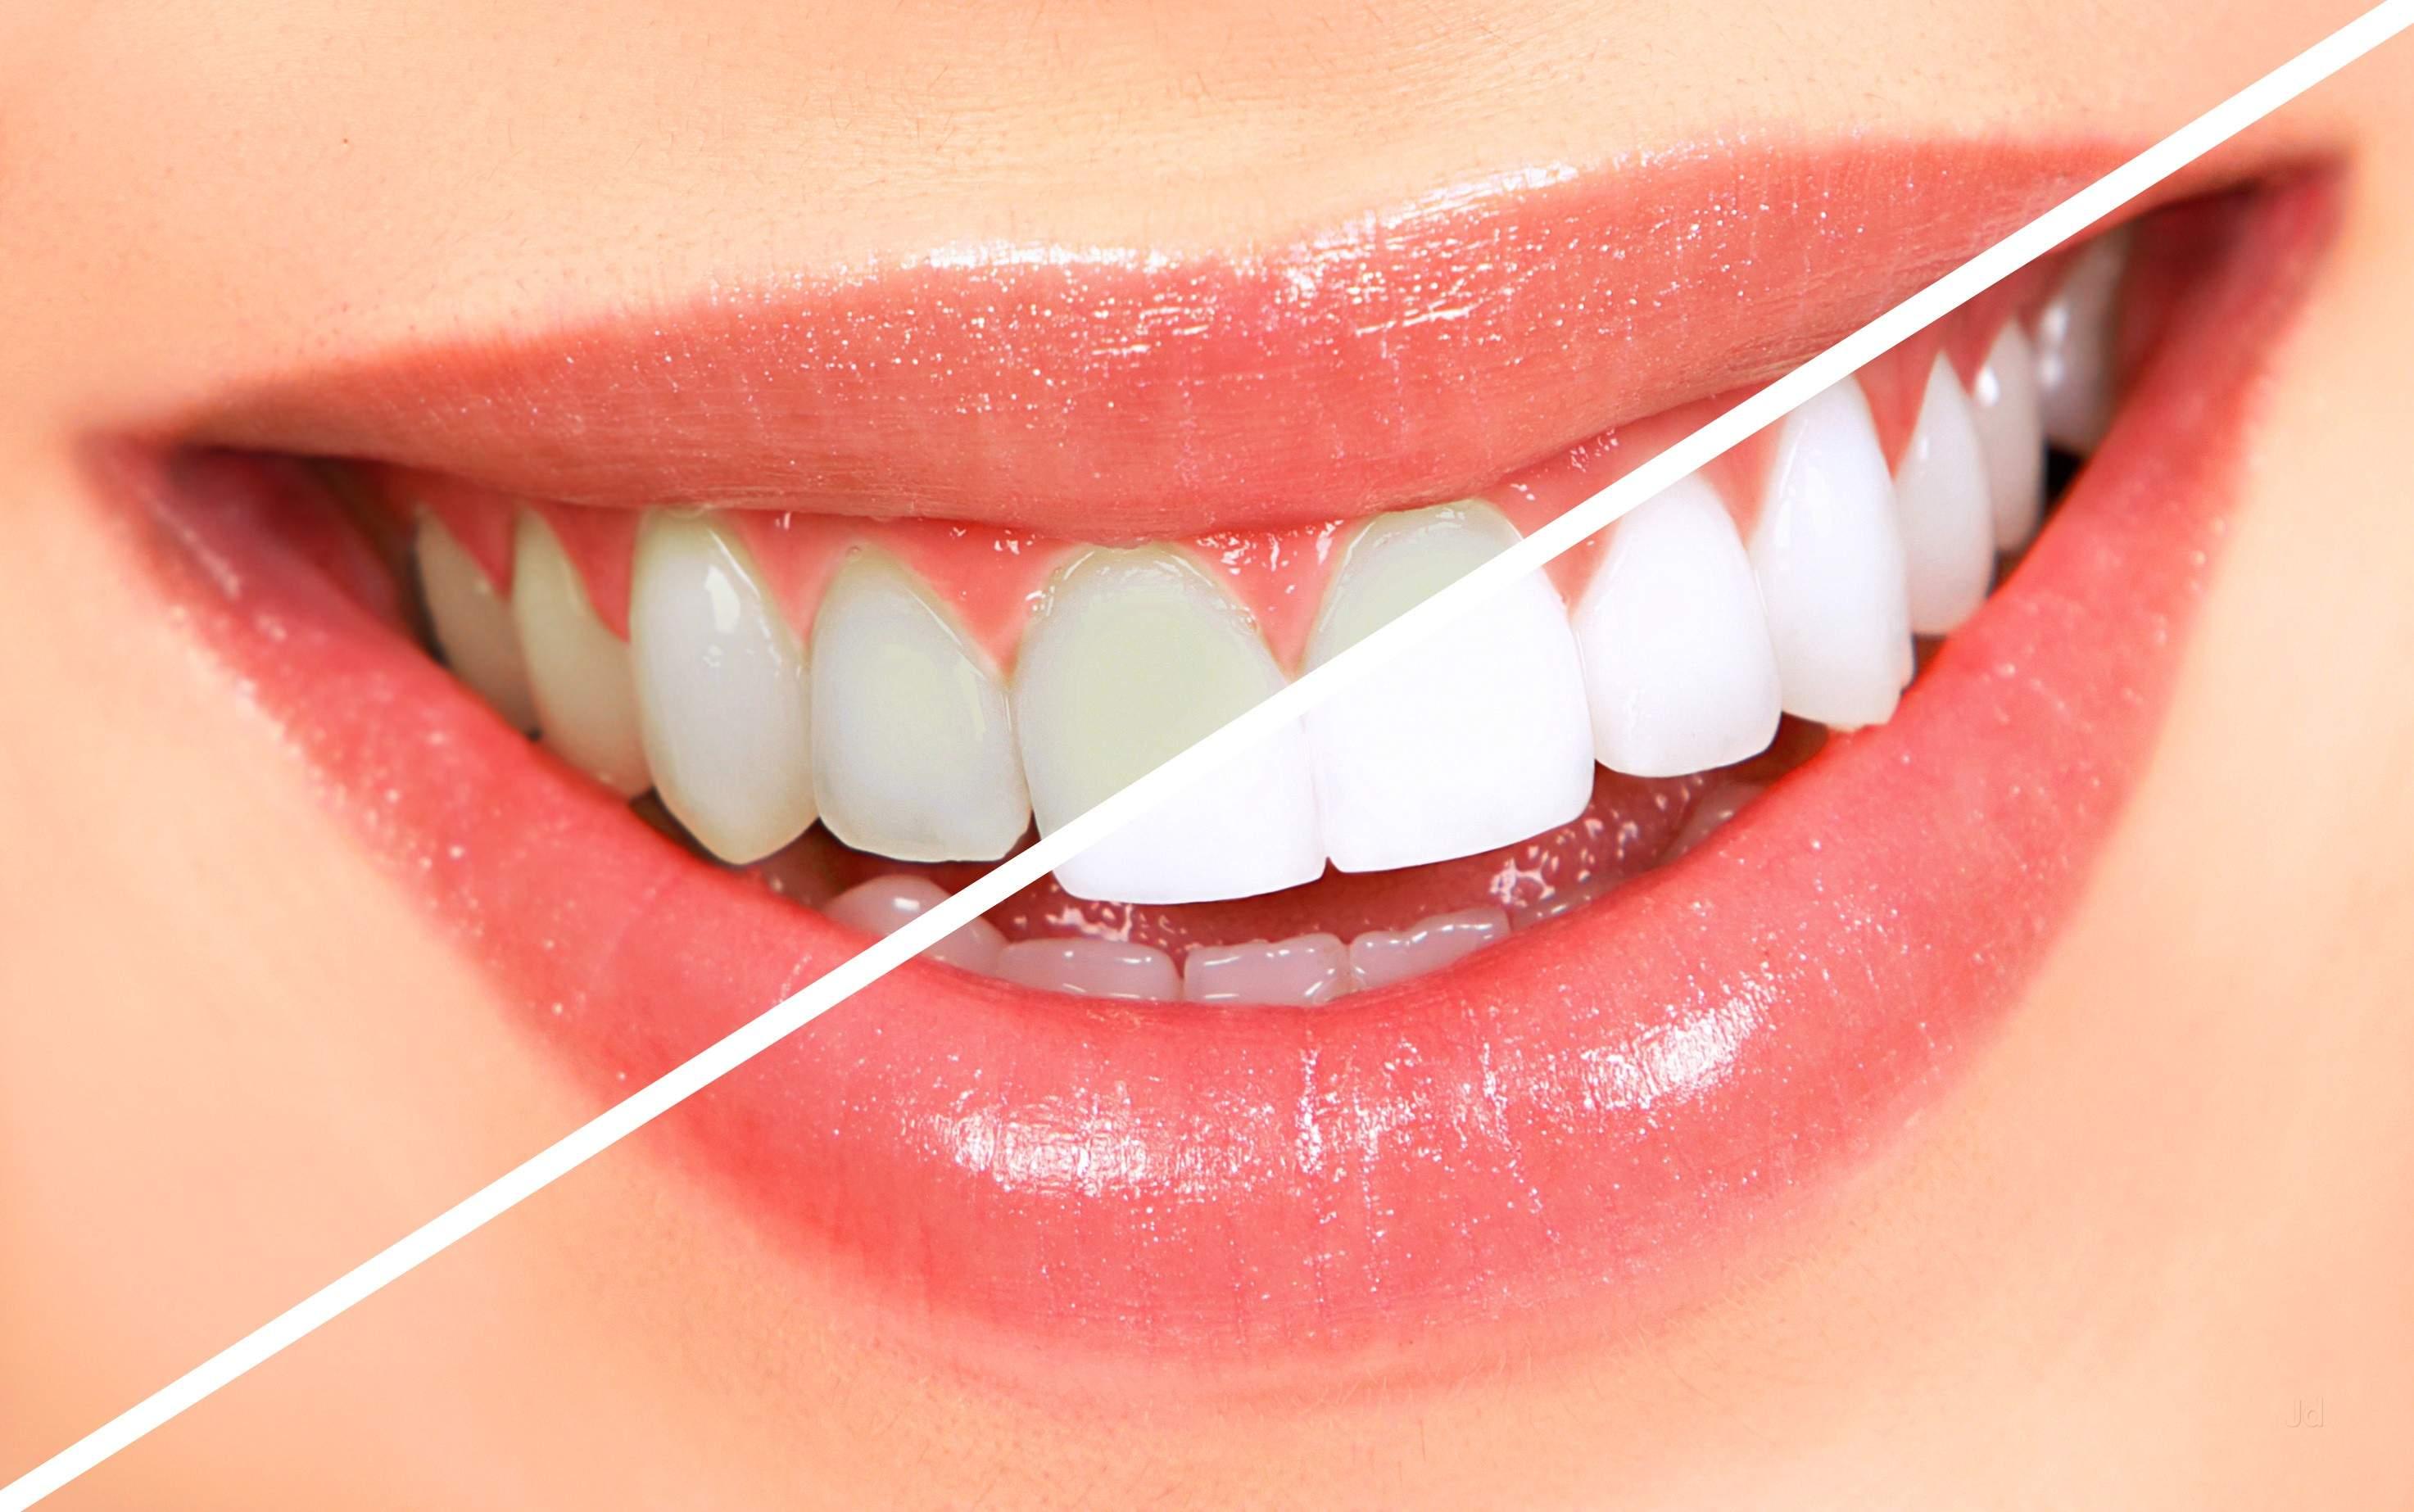 Giá tẩy trắng răng là bao nhiêu? Tẩy trắng có gây hại hay đau nhức gì không?